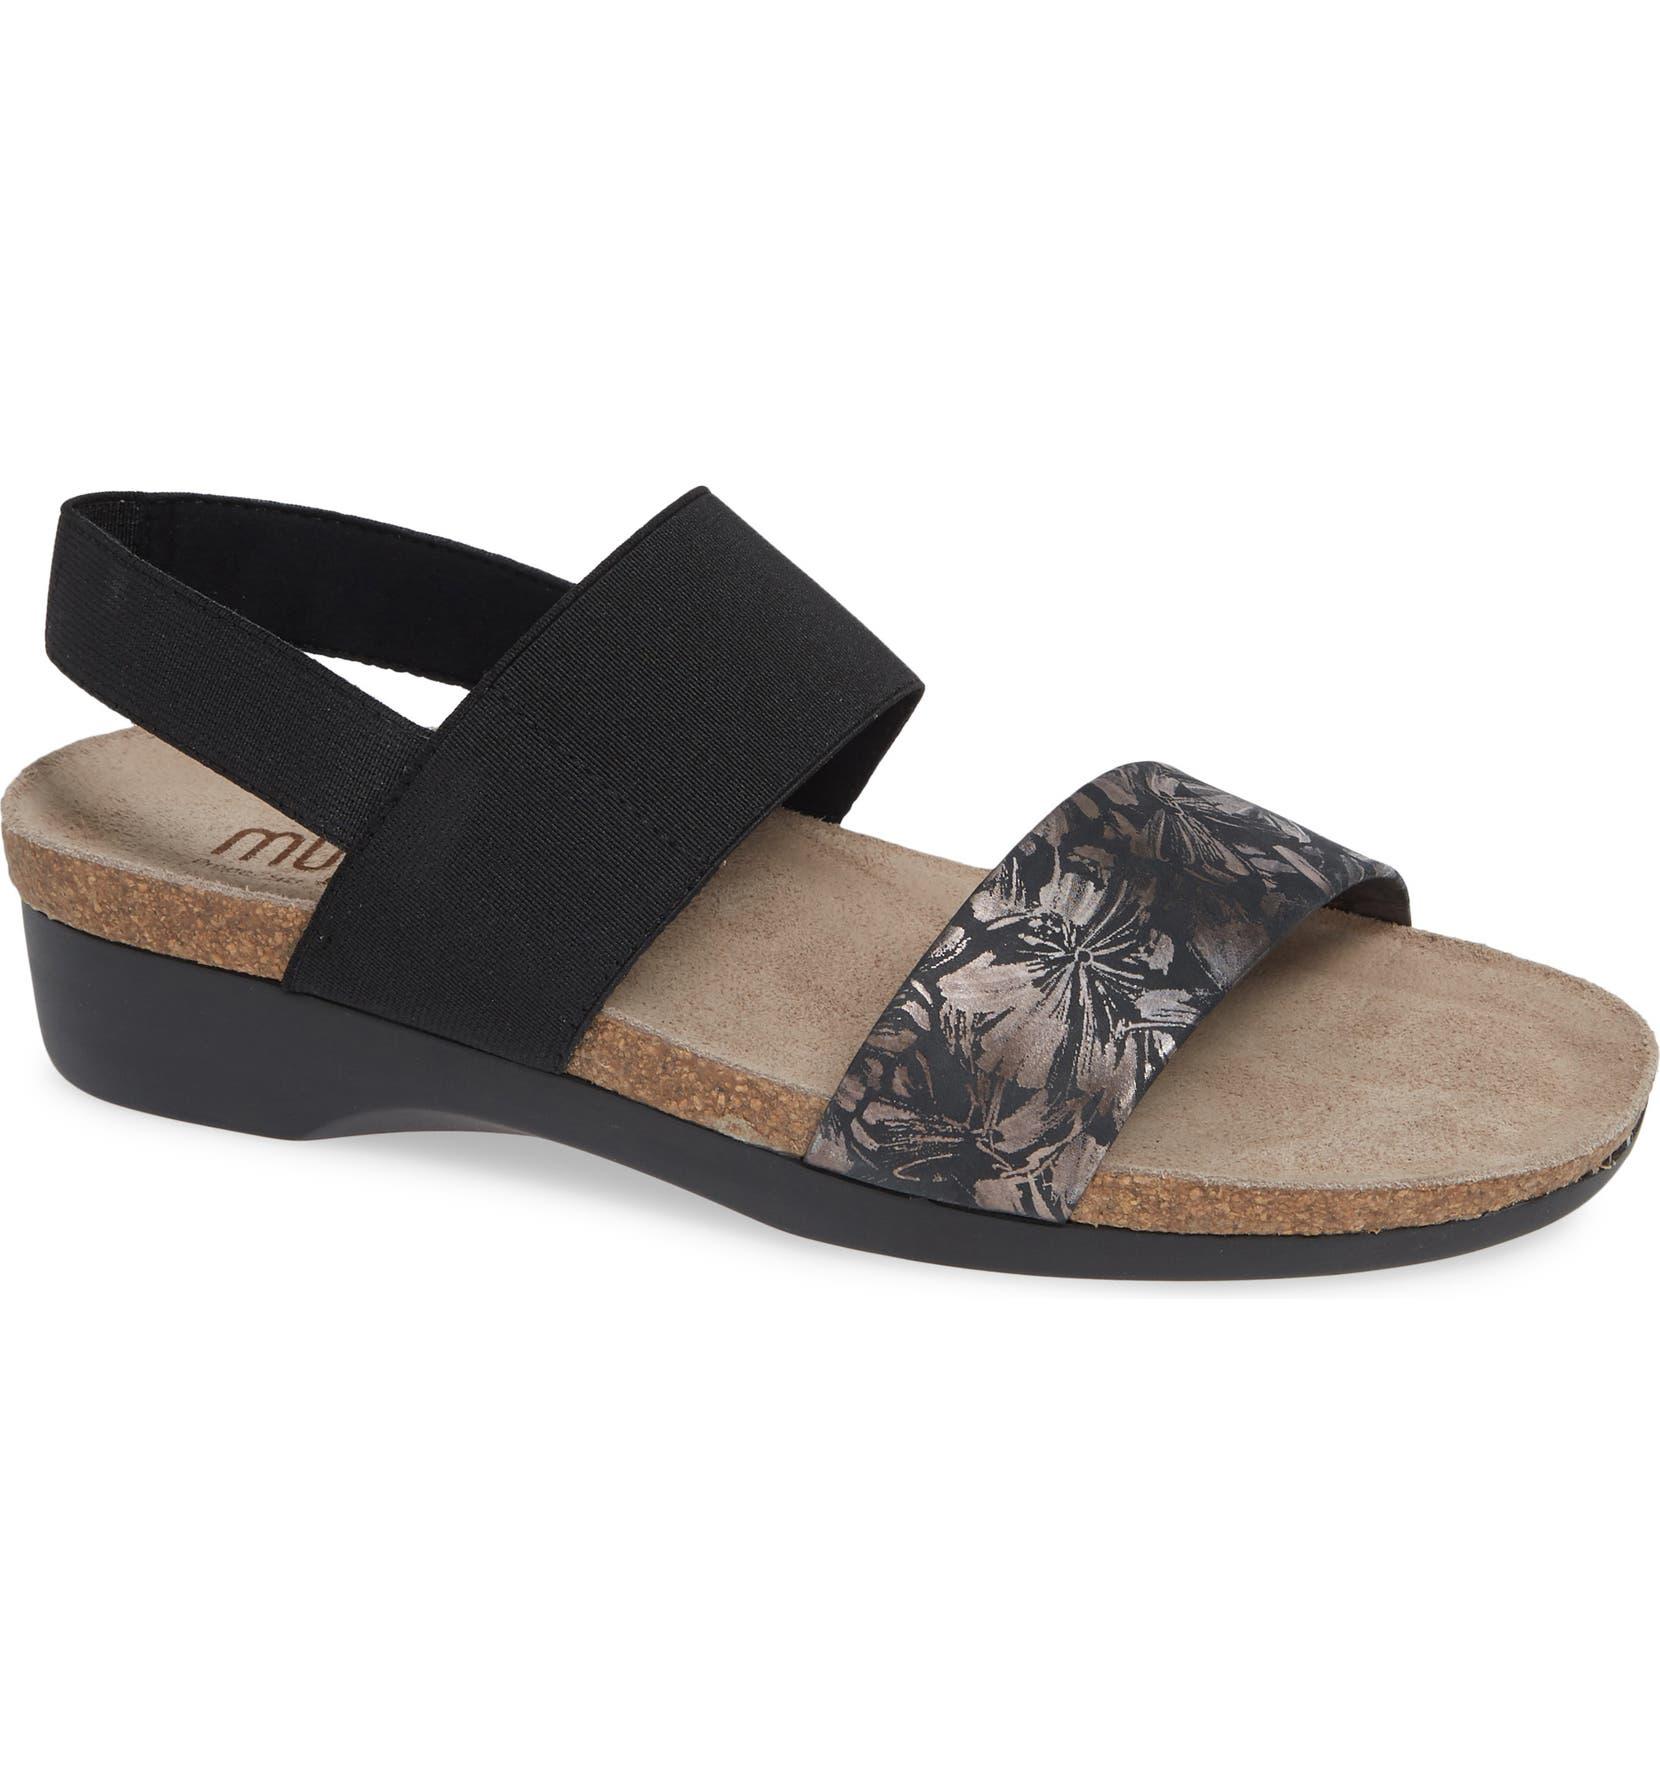 d257077db Munro 'Pisces' Sandal | Nordstrom